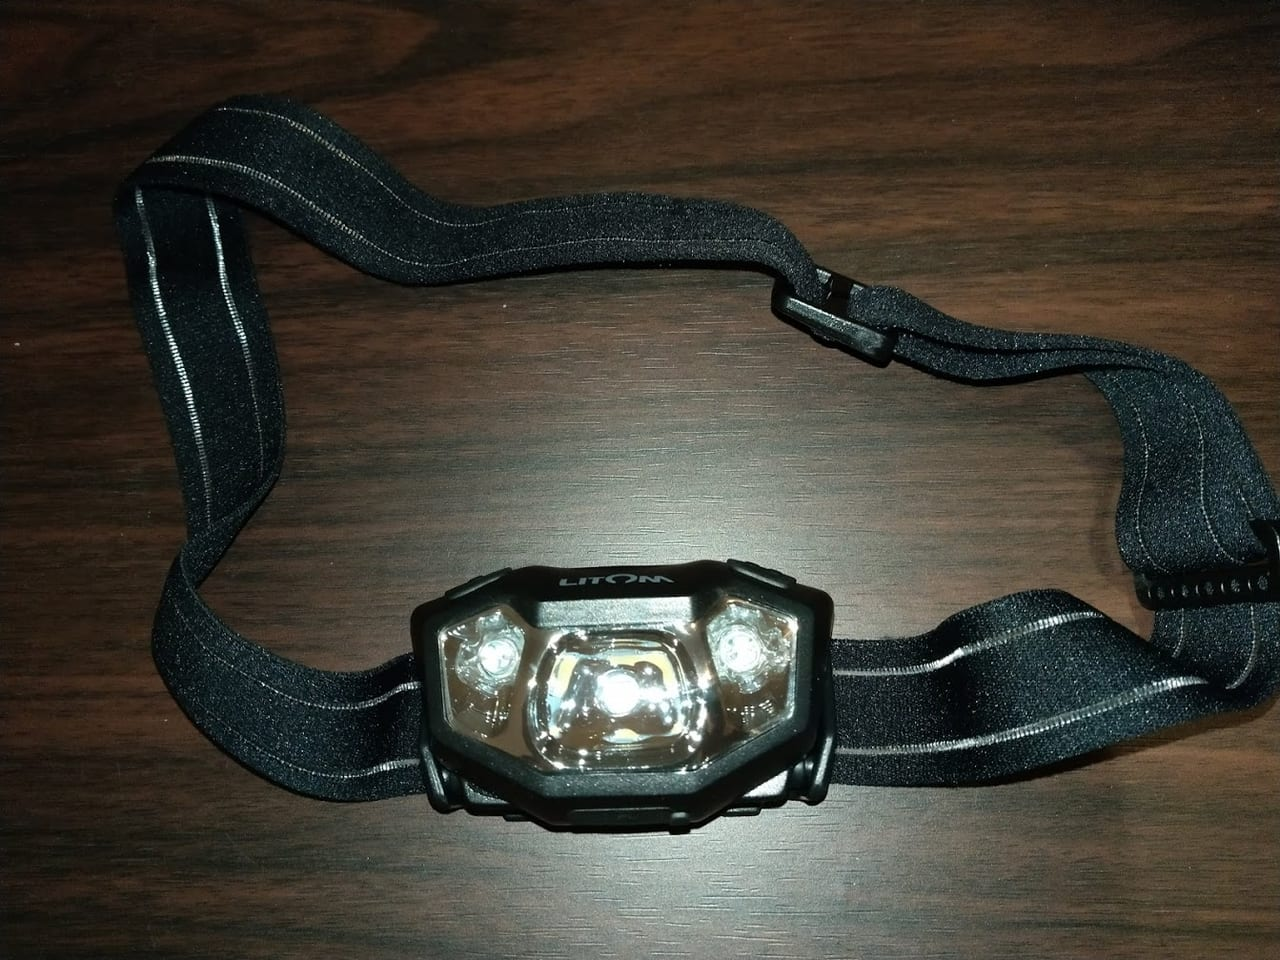 釣り用ヘッドライトを新調!Amazonで激安なのに防水の「Litom」かなりオススメ。